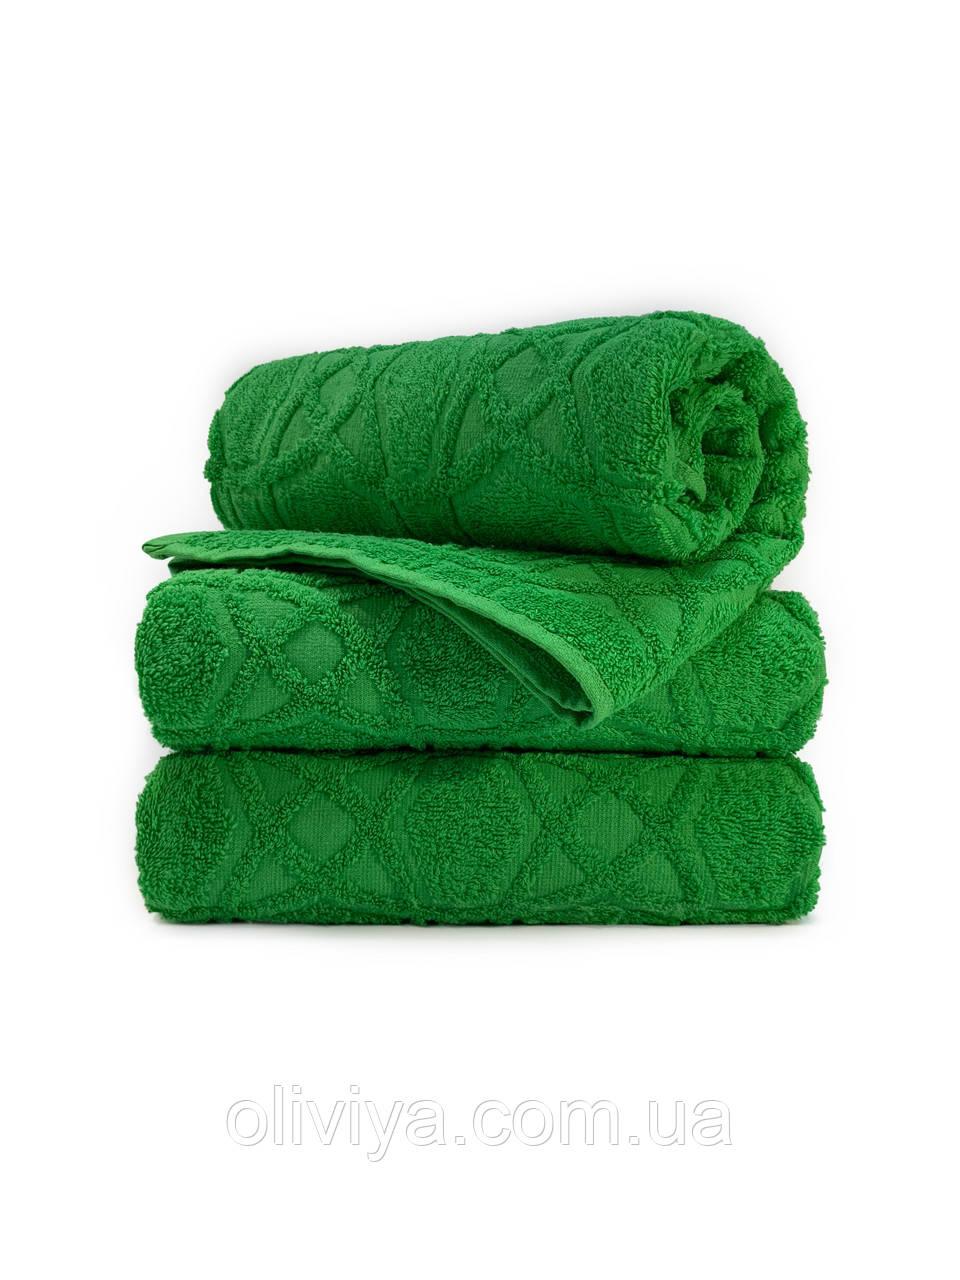 Полотенца для лица махровое Жаккард зеленое